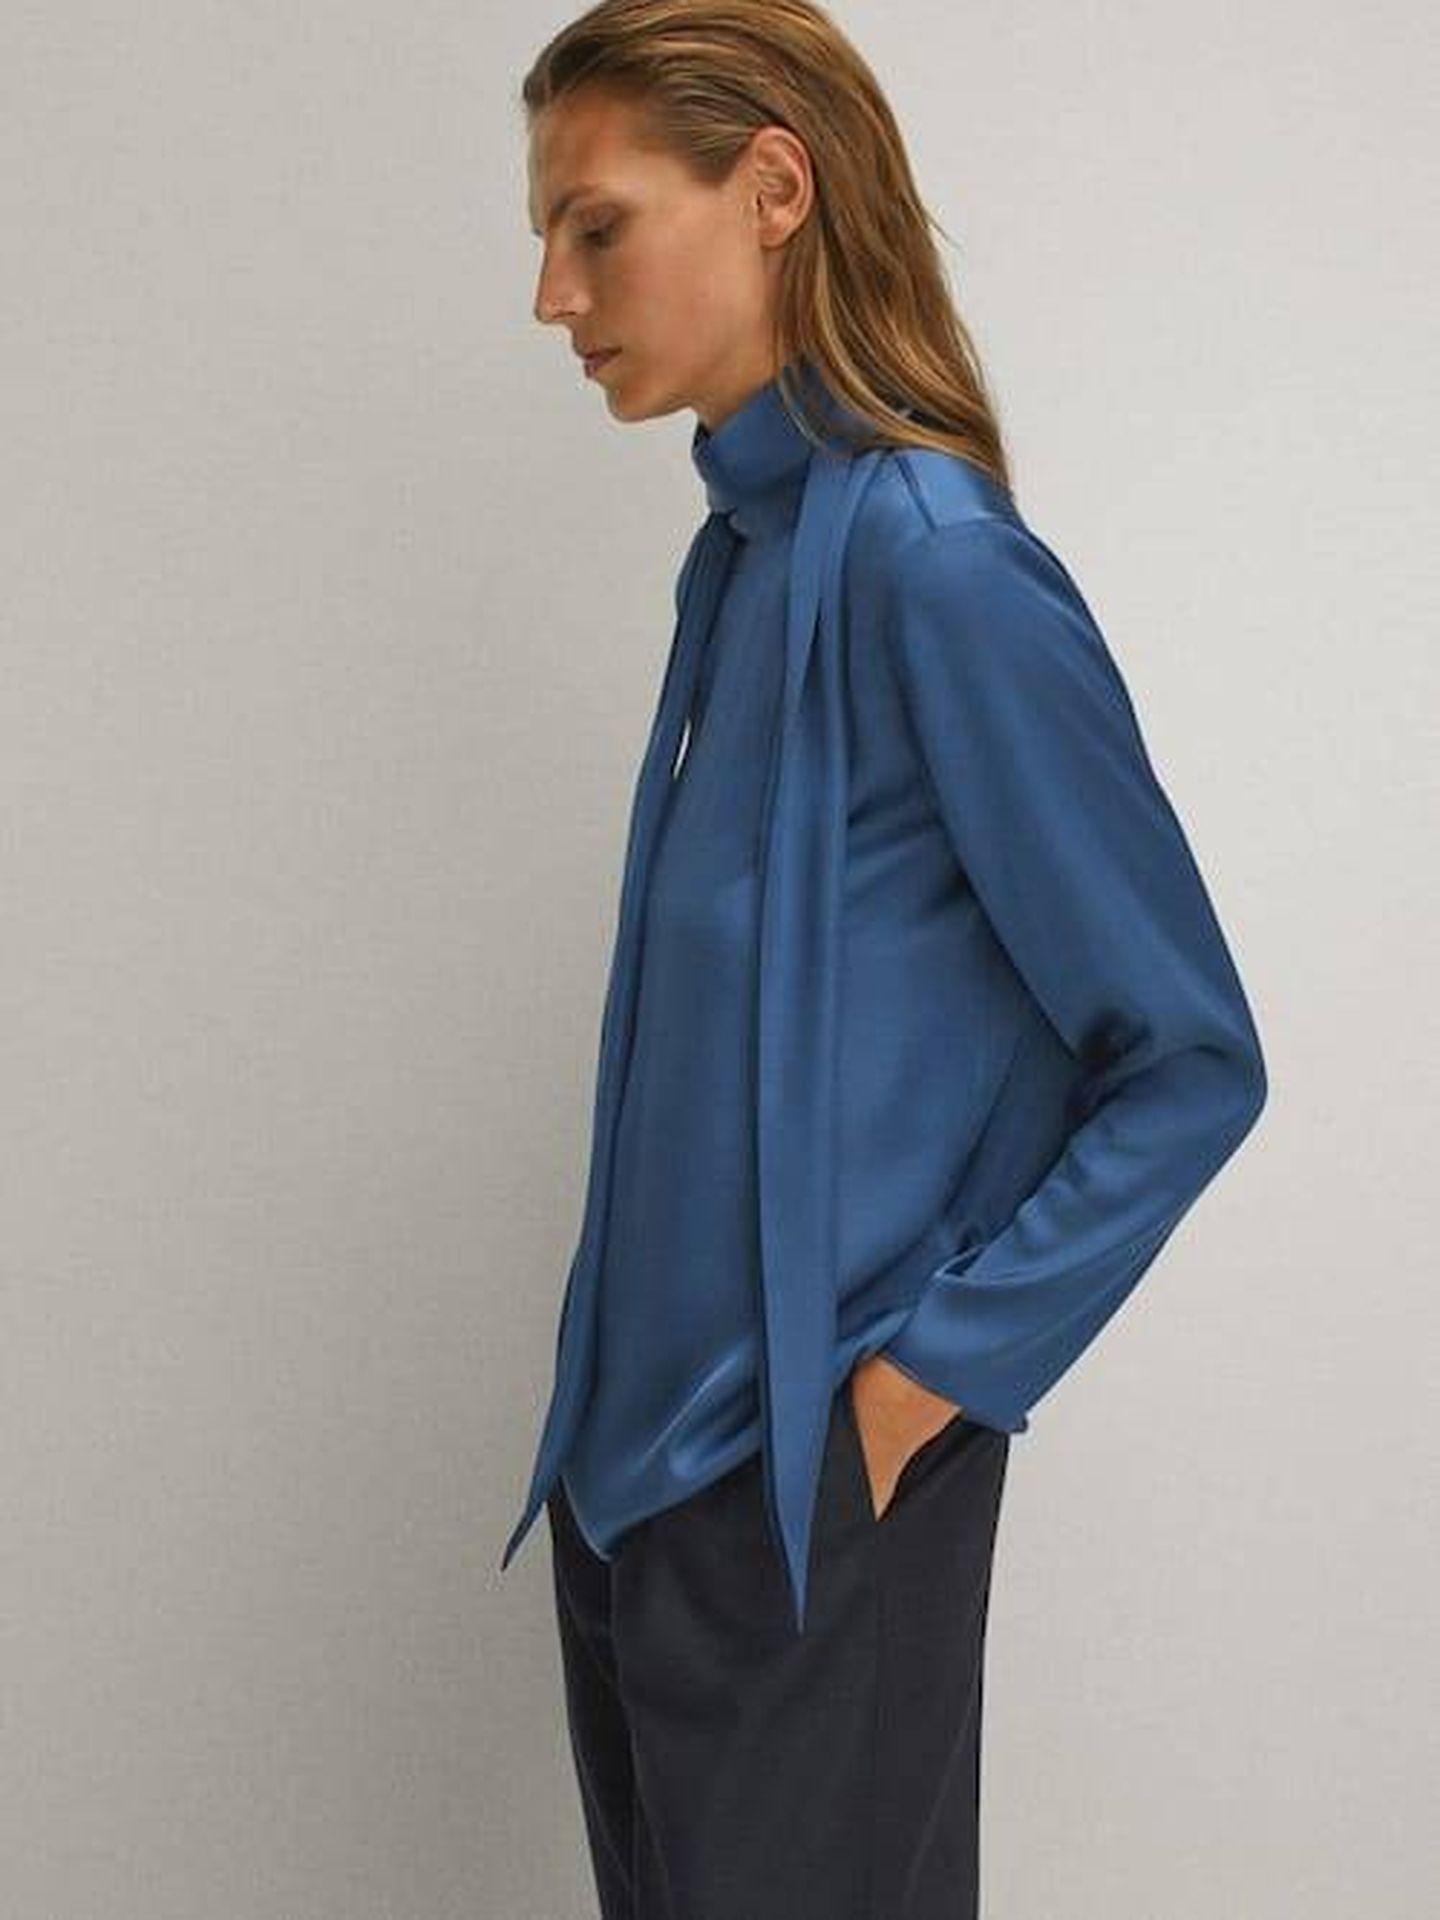 La blusa de Massimo Dutti. (Cortesía)